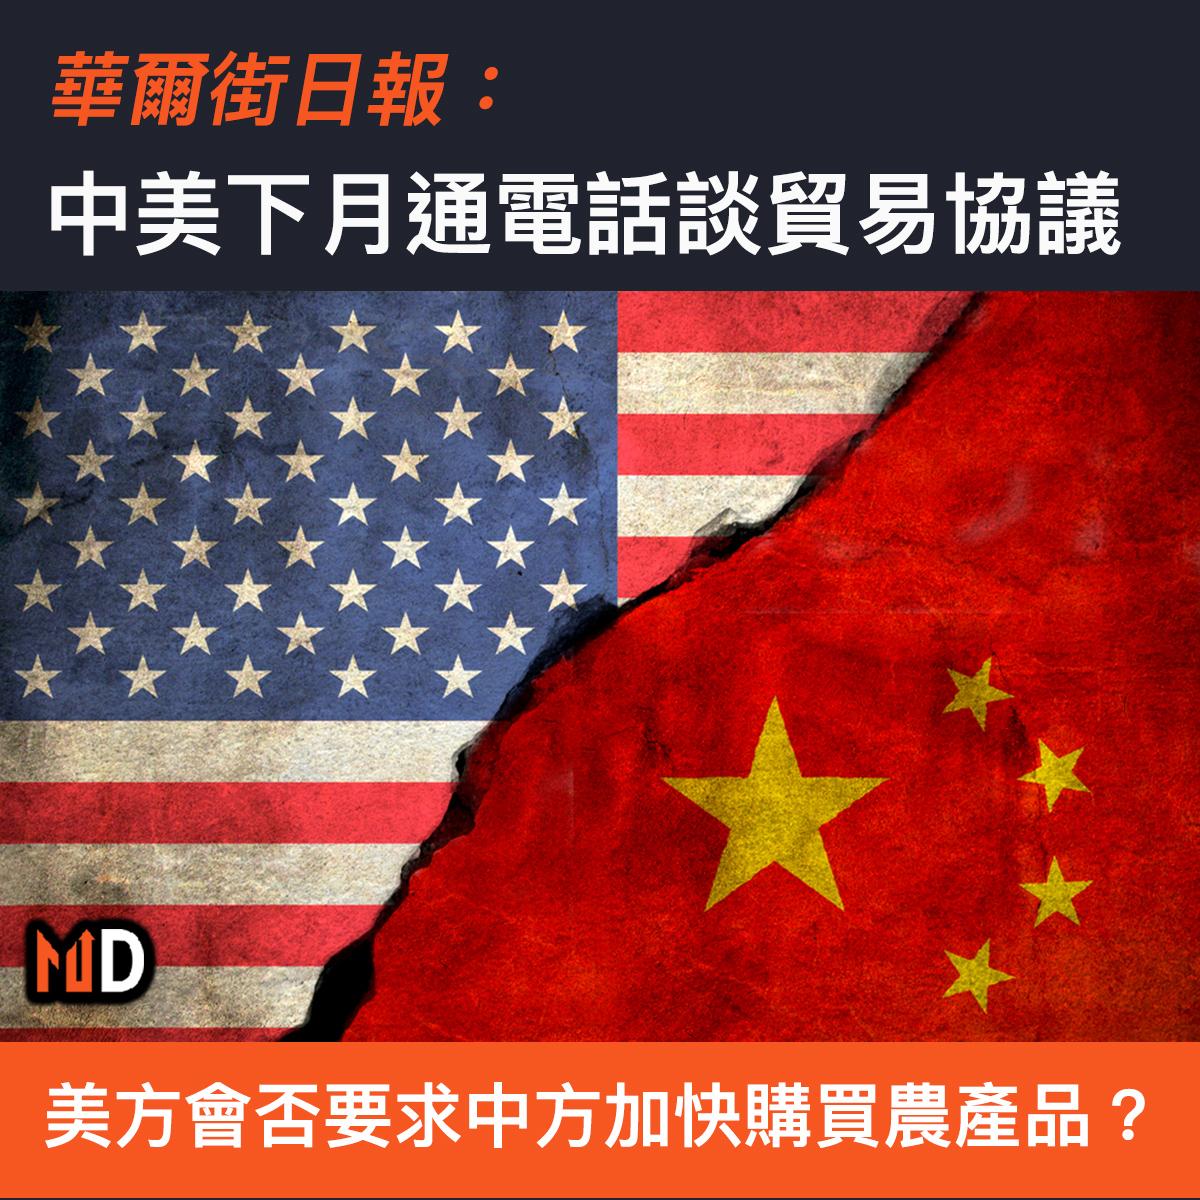 【市場熱話】華爾街日報:中美下月通電話談貿易協議